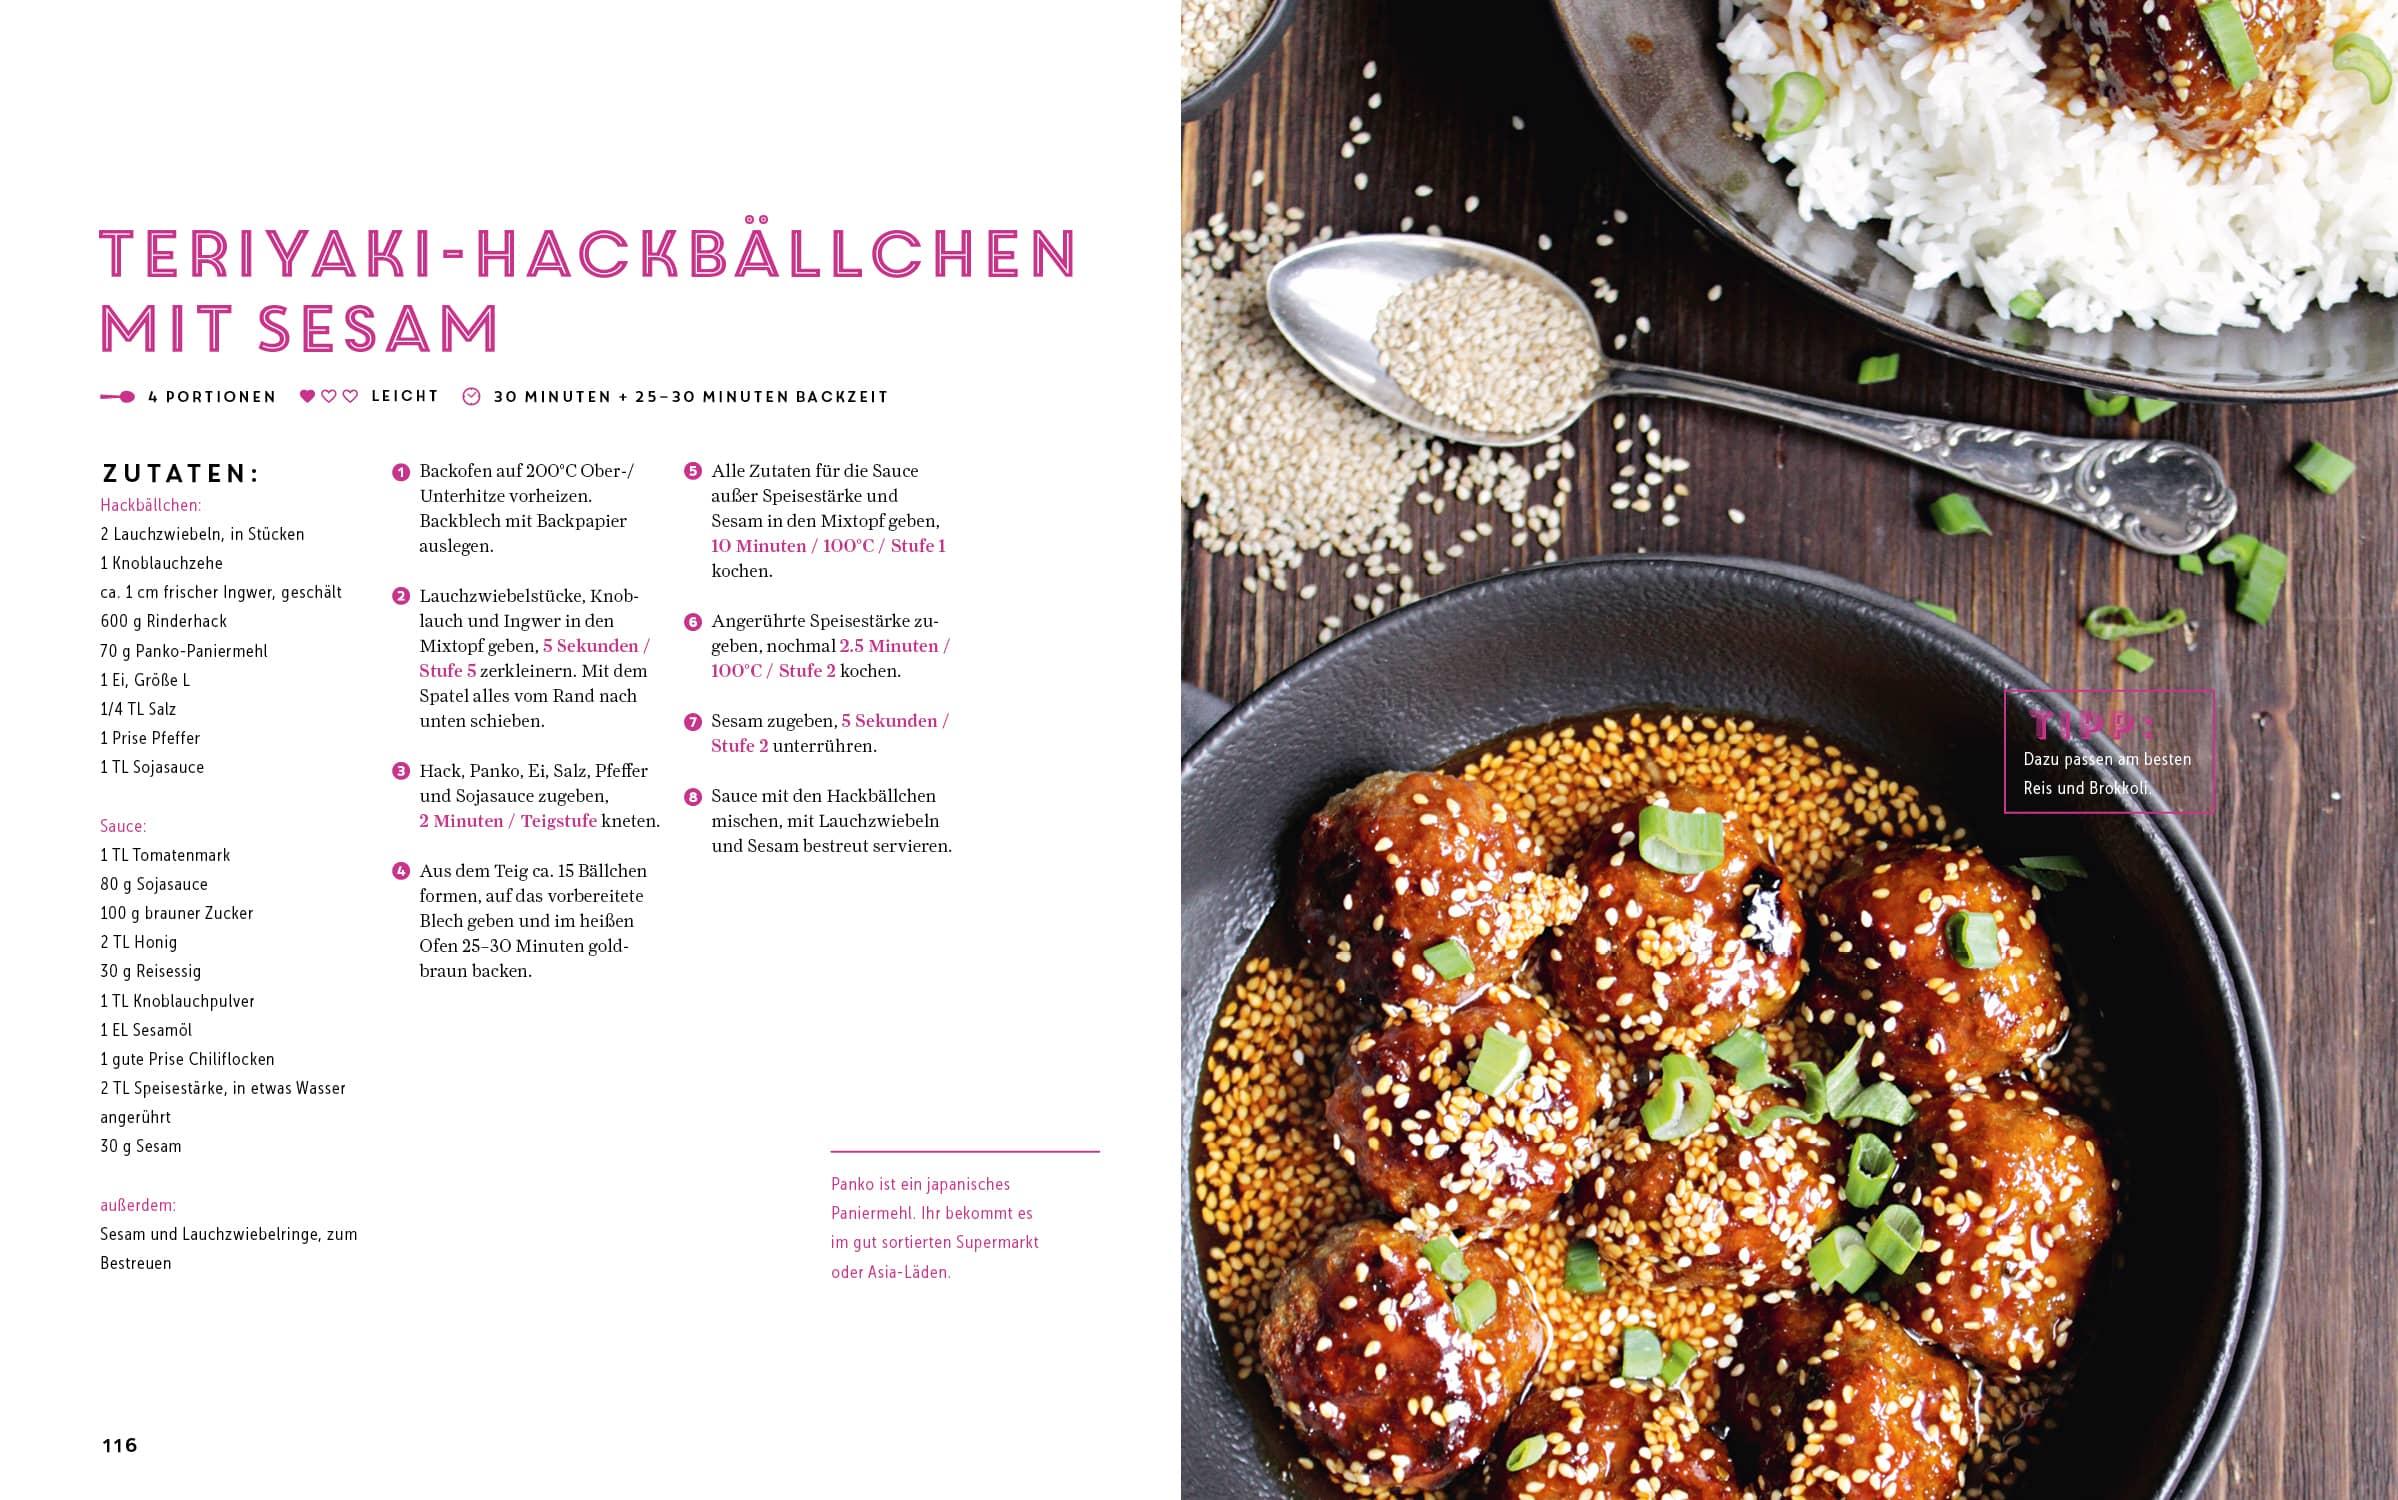 Sommerküche Thermomix : Soulfood with love: rezepte zum glücklichsein mit dem thermomix